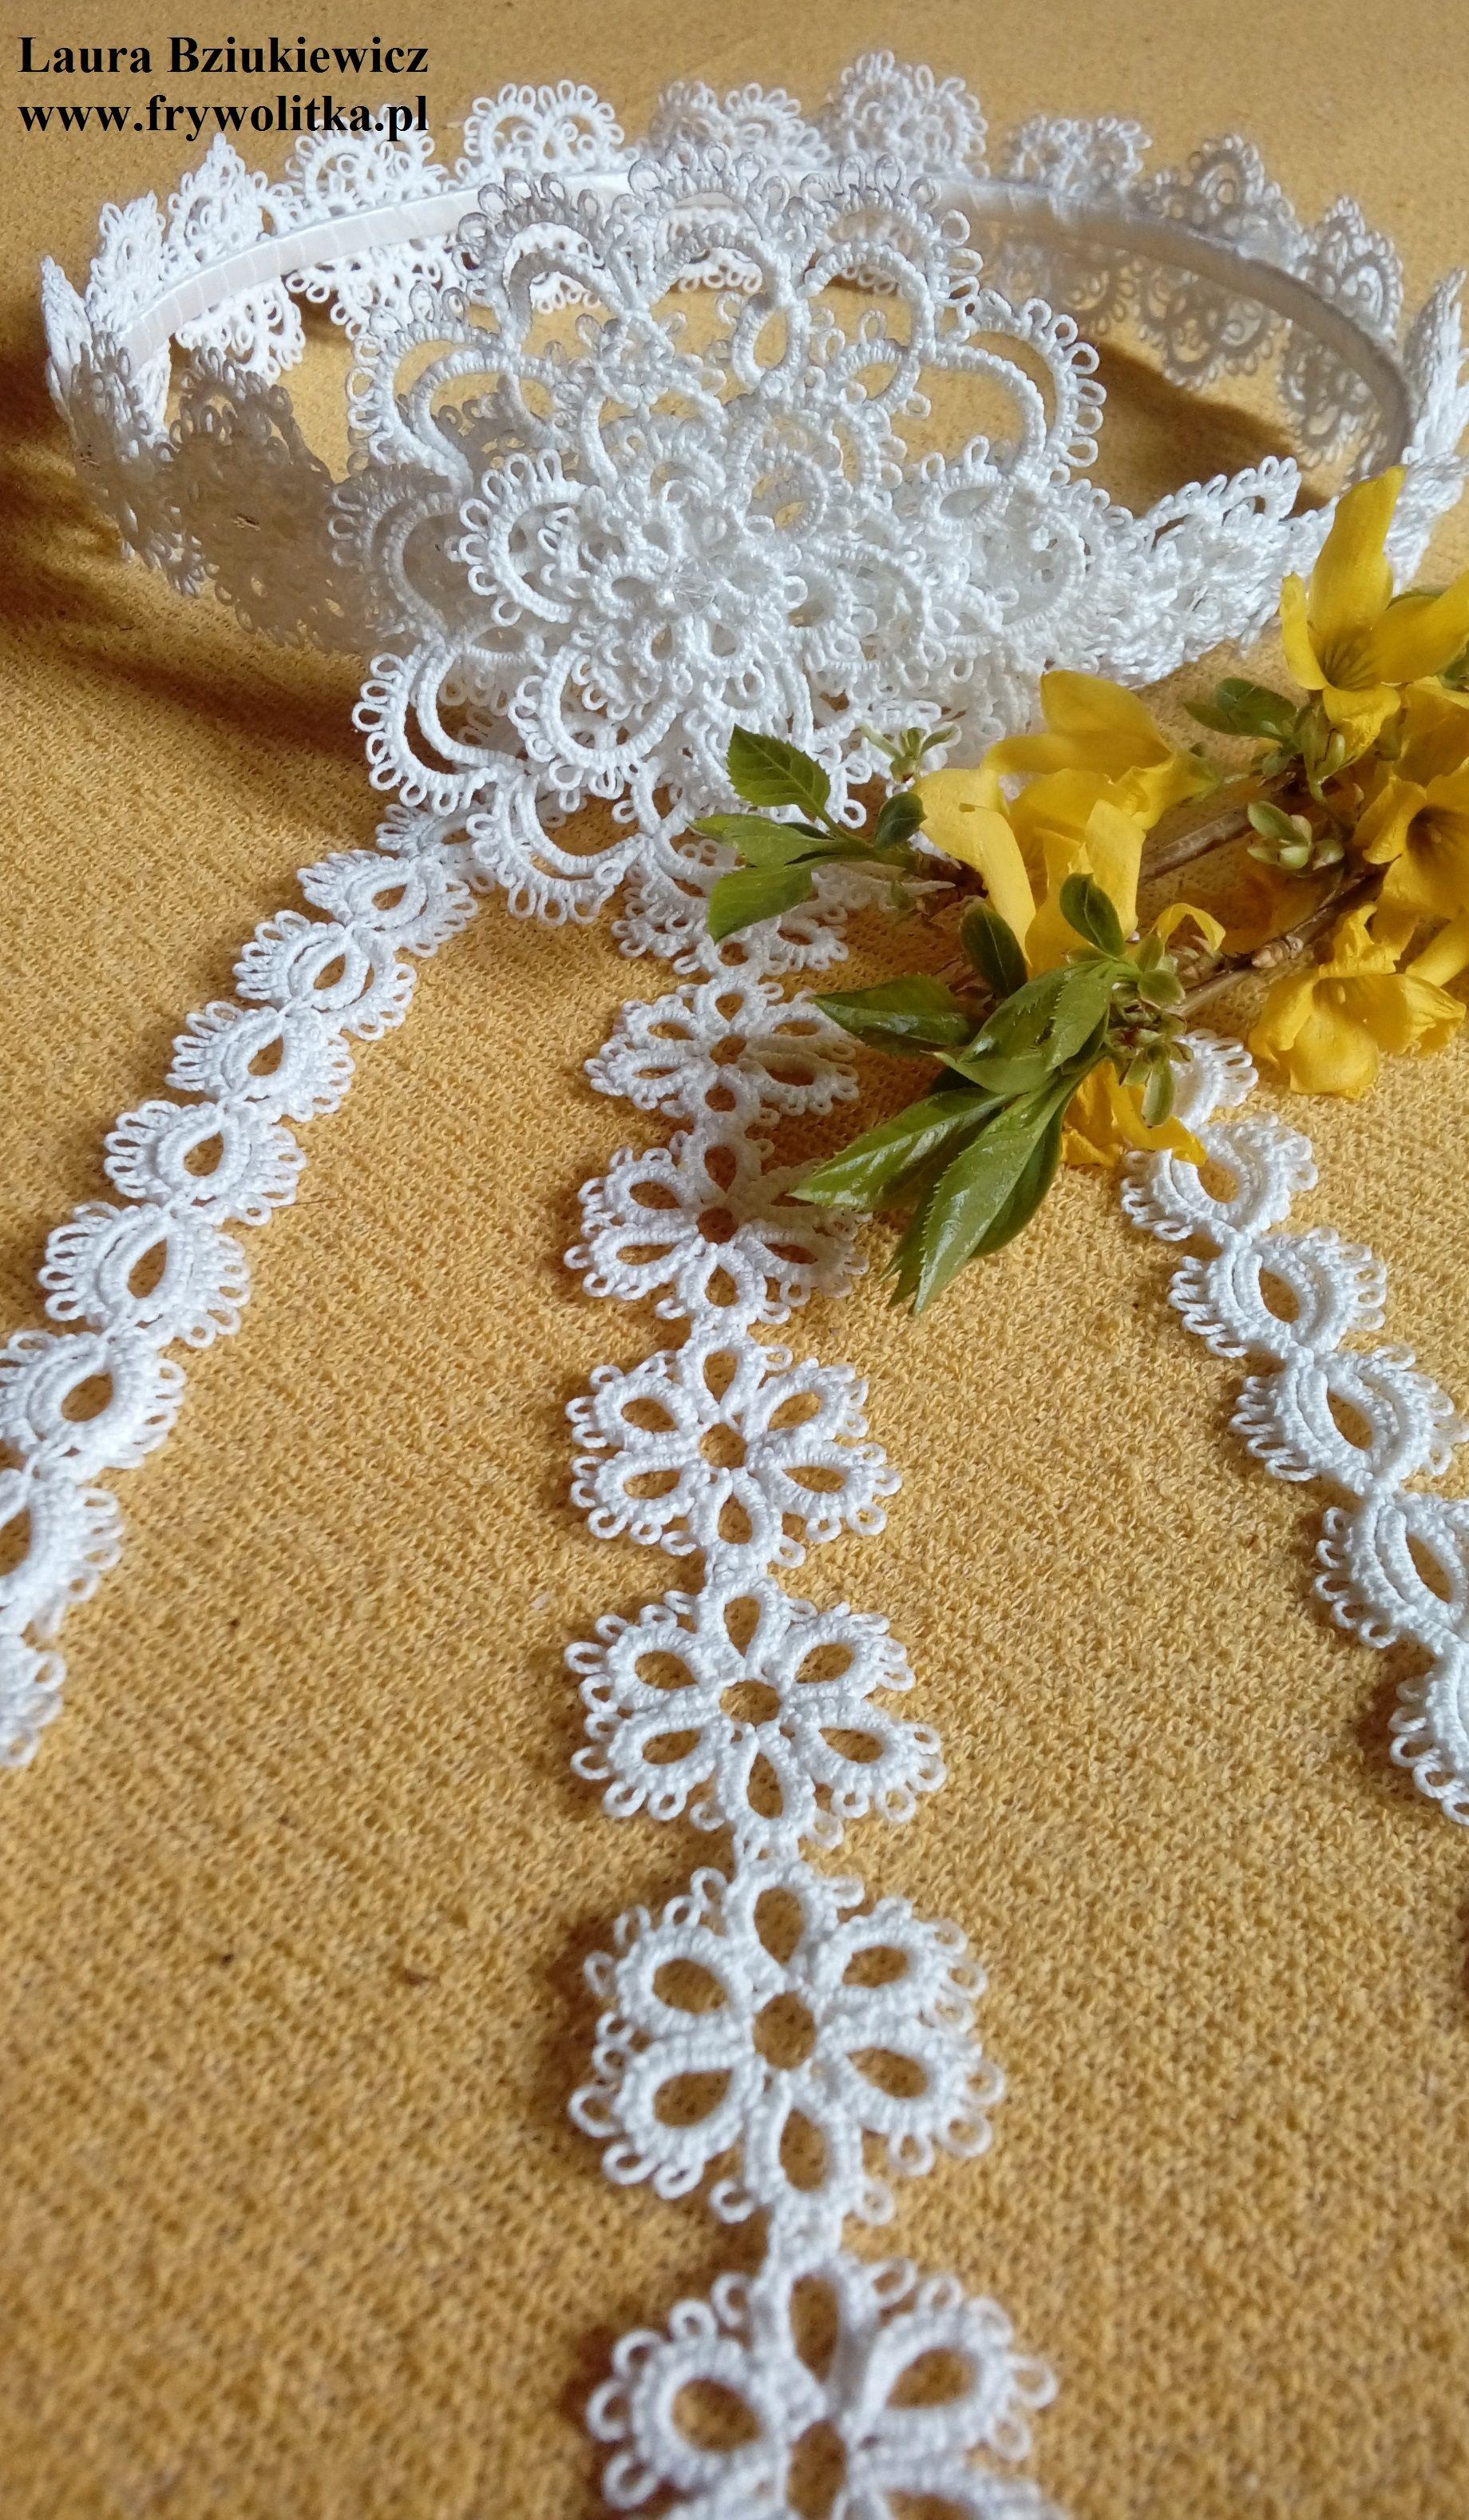 Frywolitkowy Wianuszek Tatting Patterns Crochet Jewelry Crochet Flowers